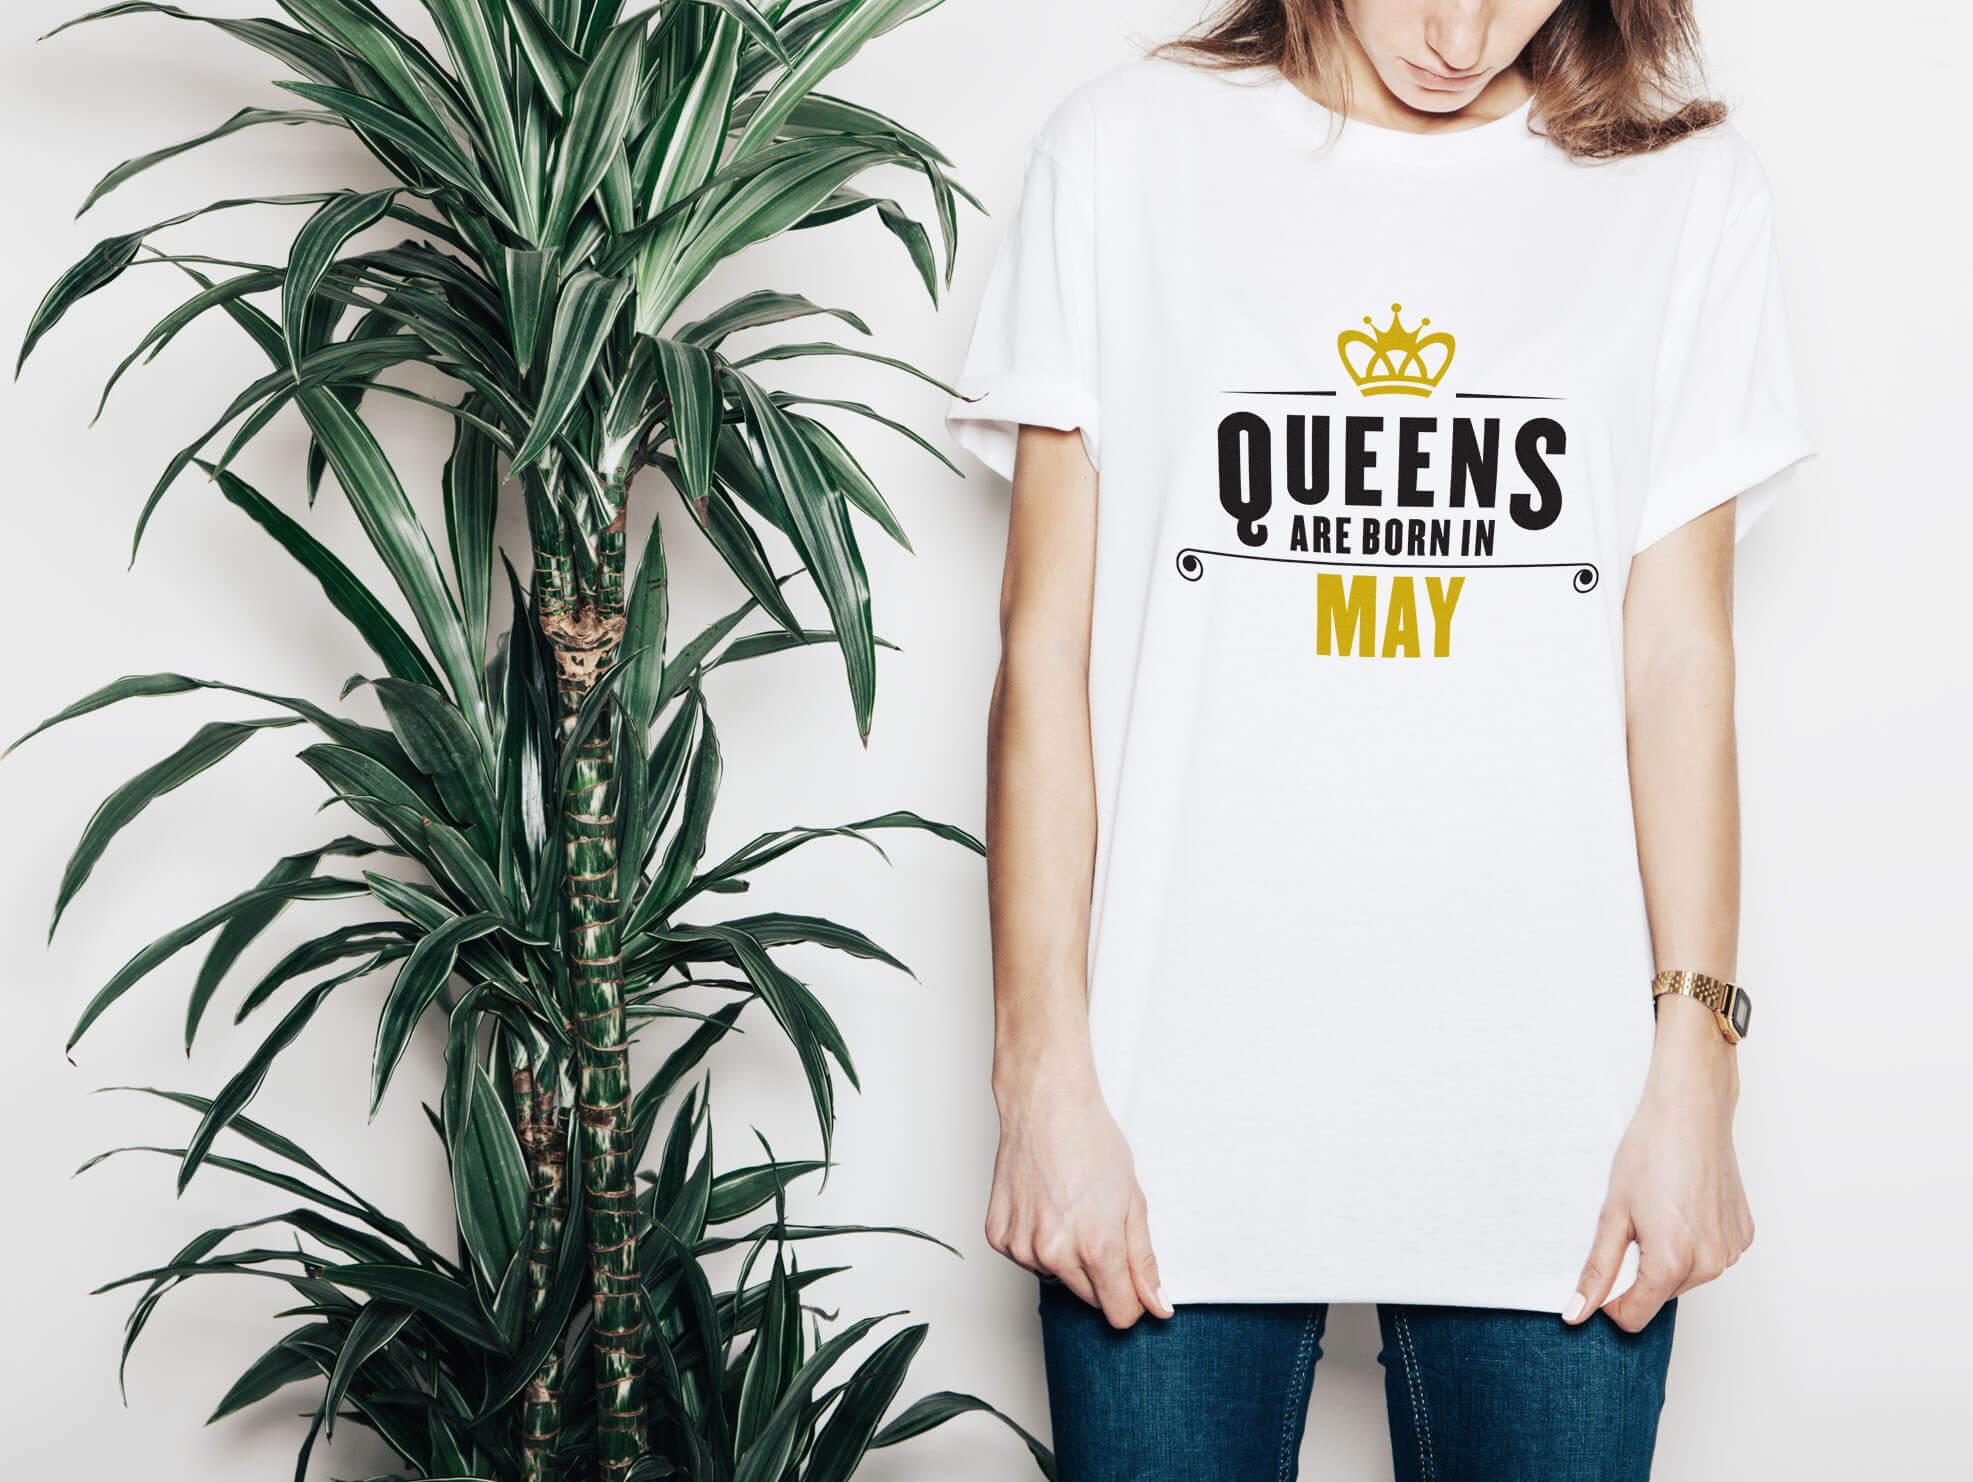 T-shirt clothes mockup